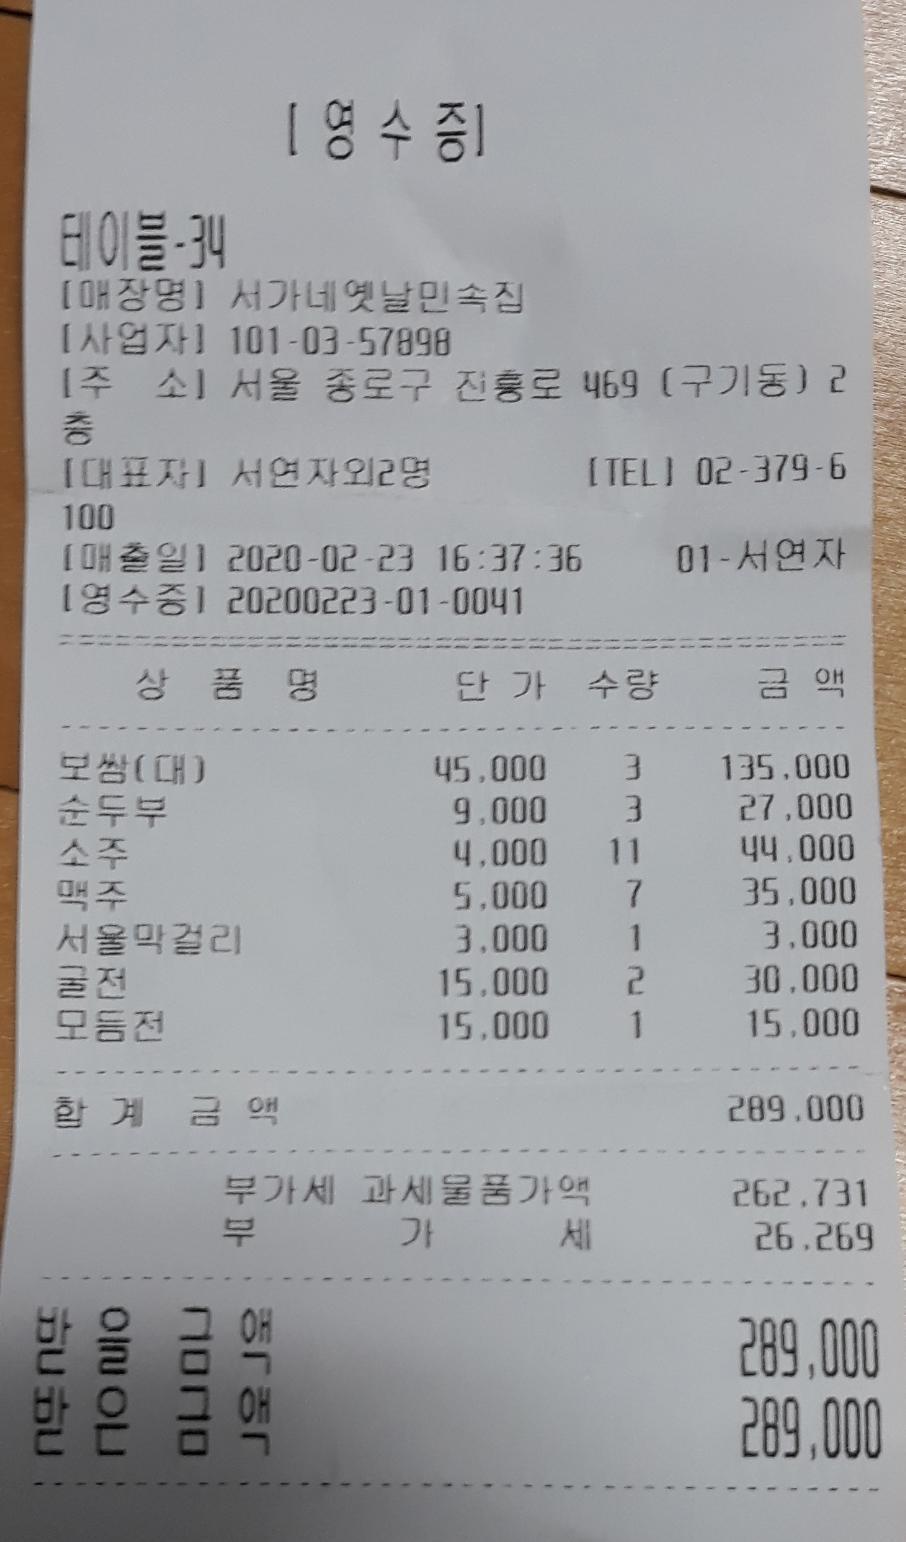 북한둘레길 영수증.jpg